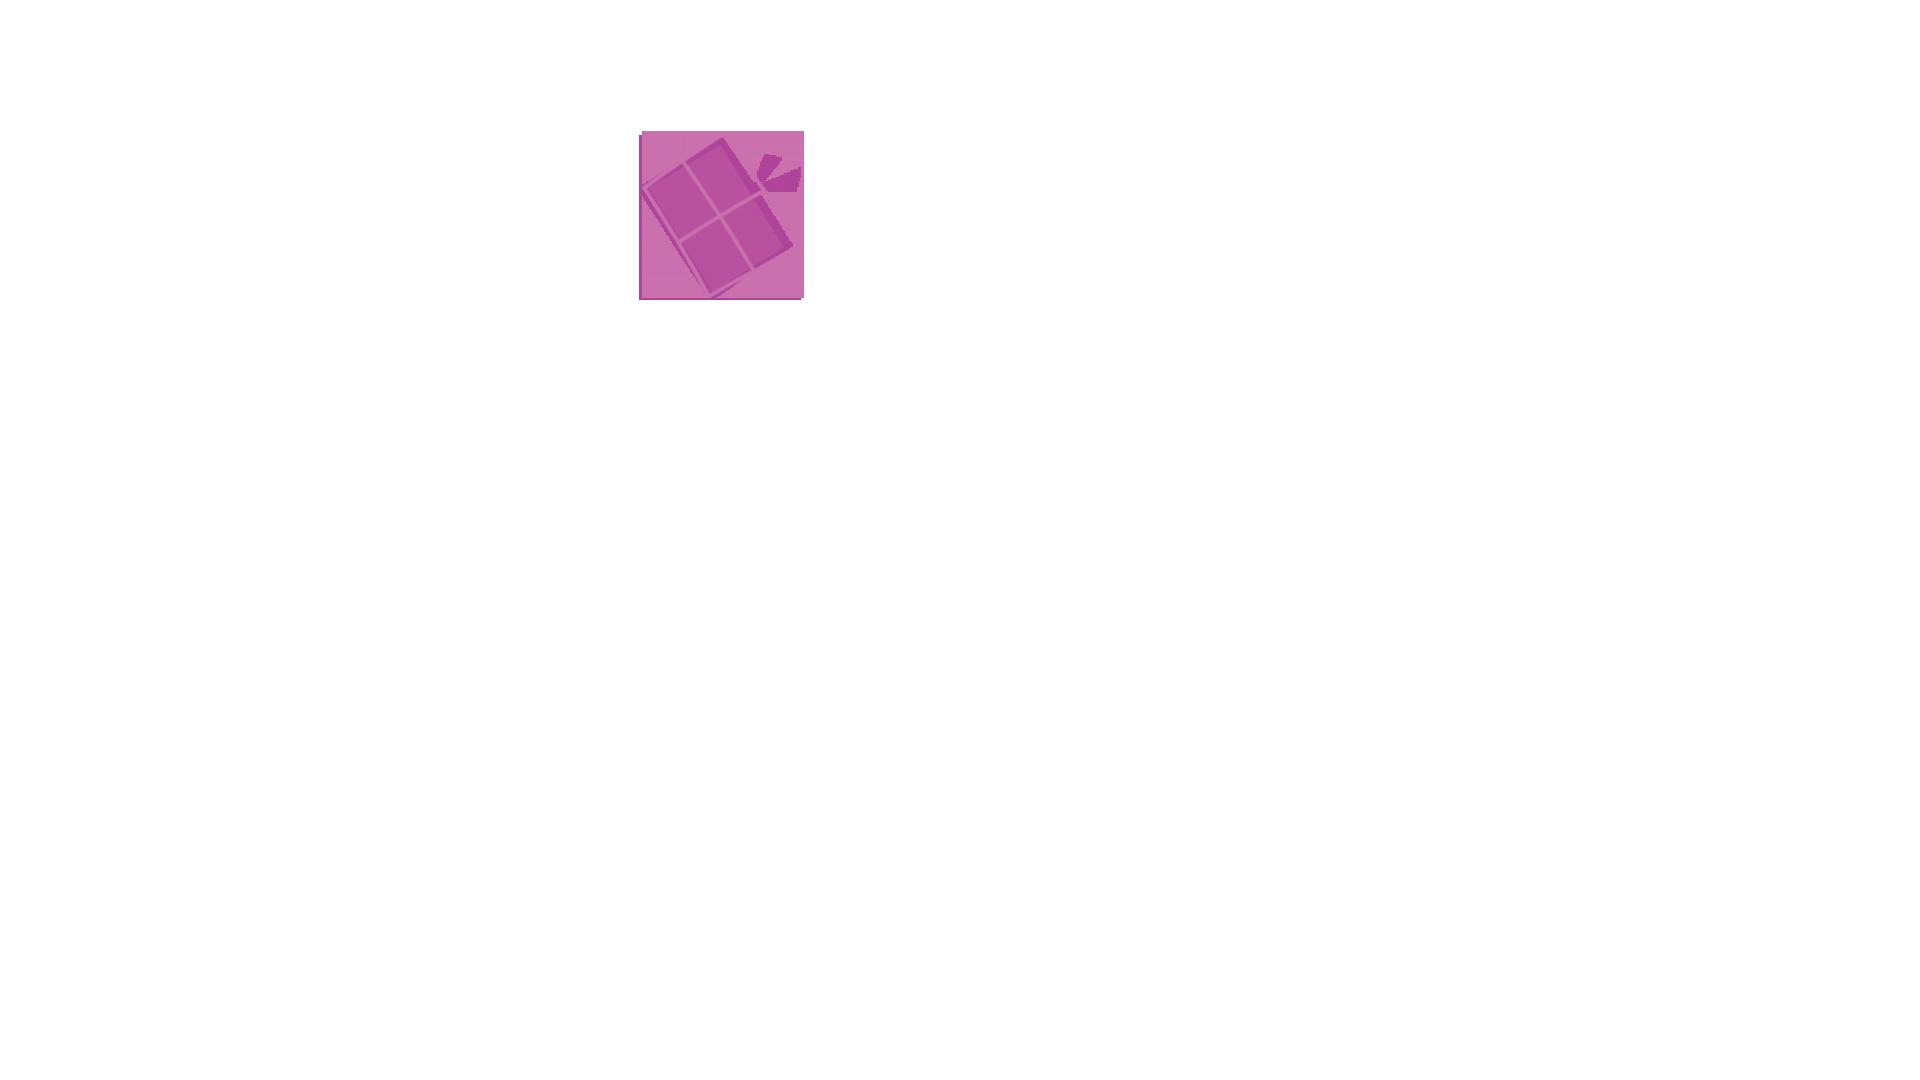 purple package